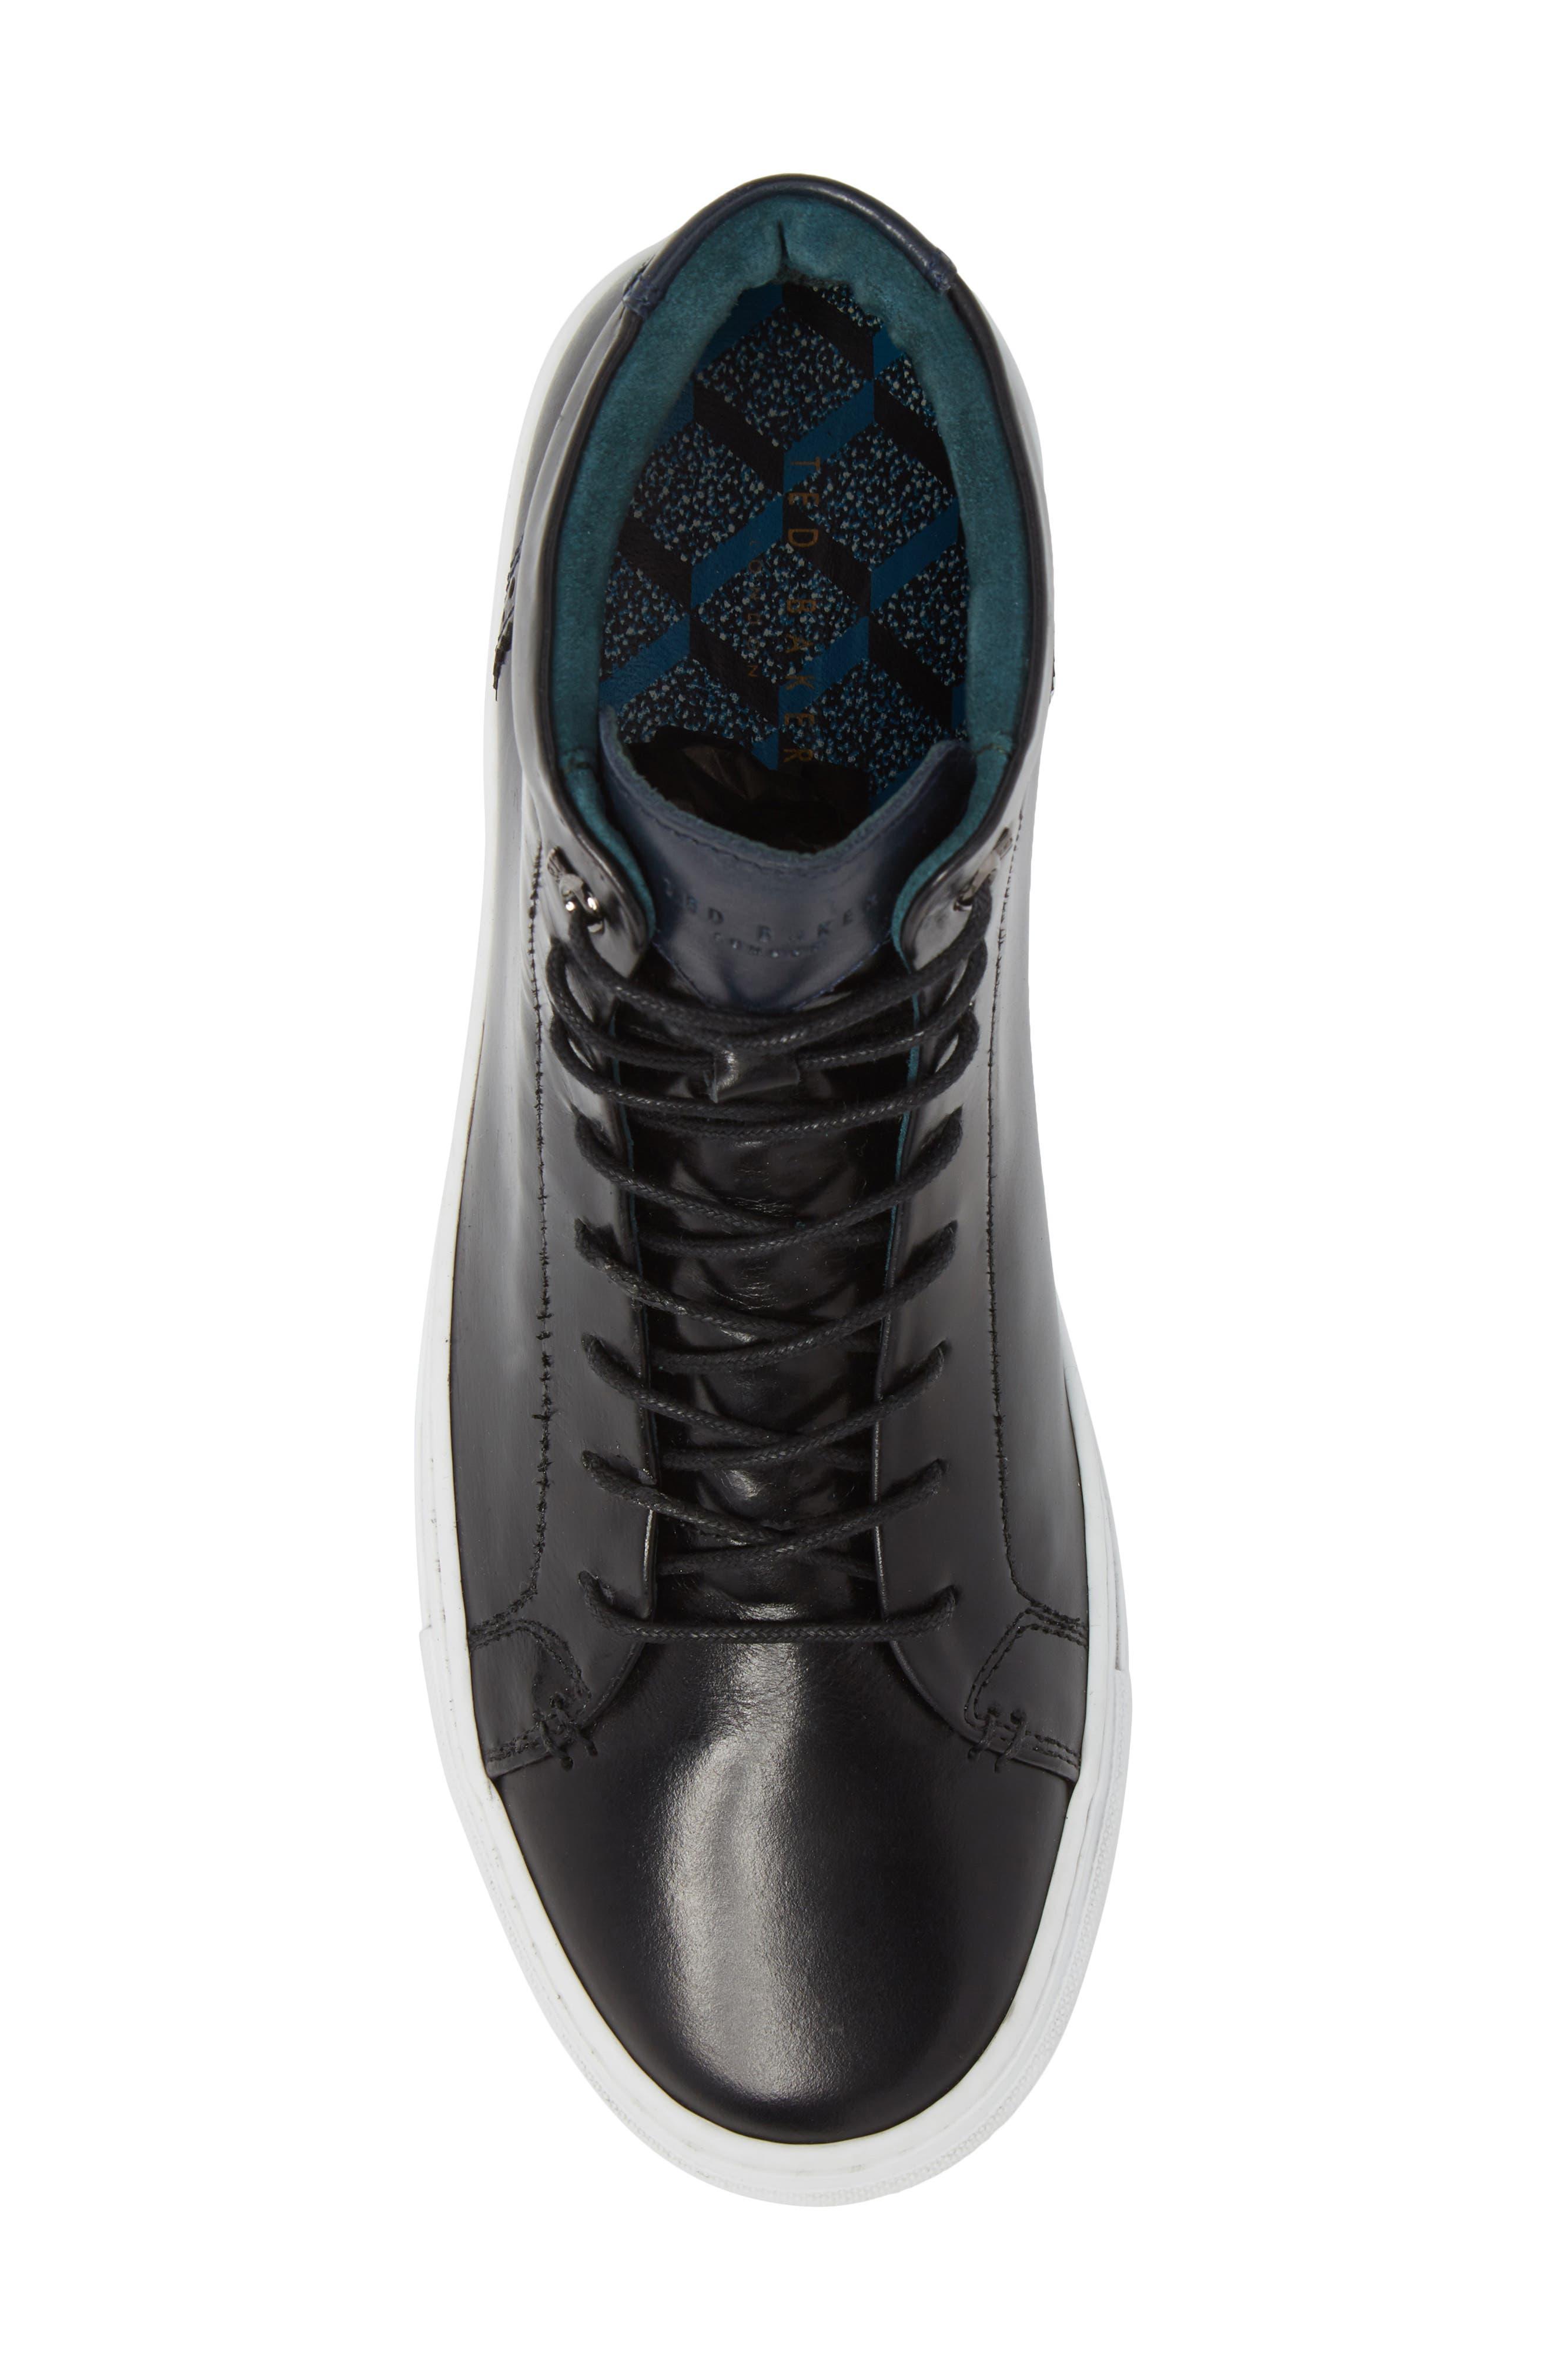 Monerkk High Top Sneaker,                             Alternate thumbnail 5, color,                             001